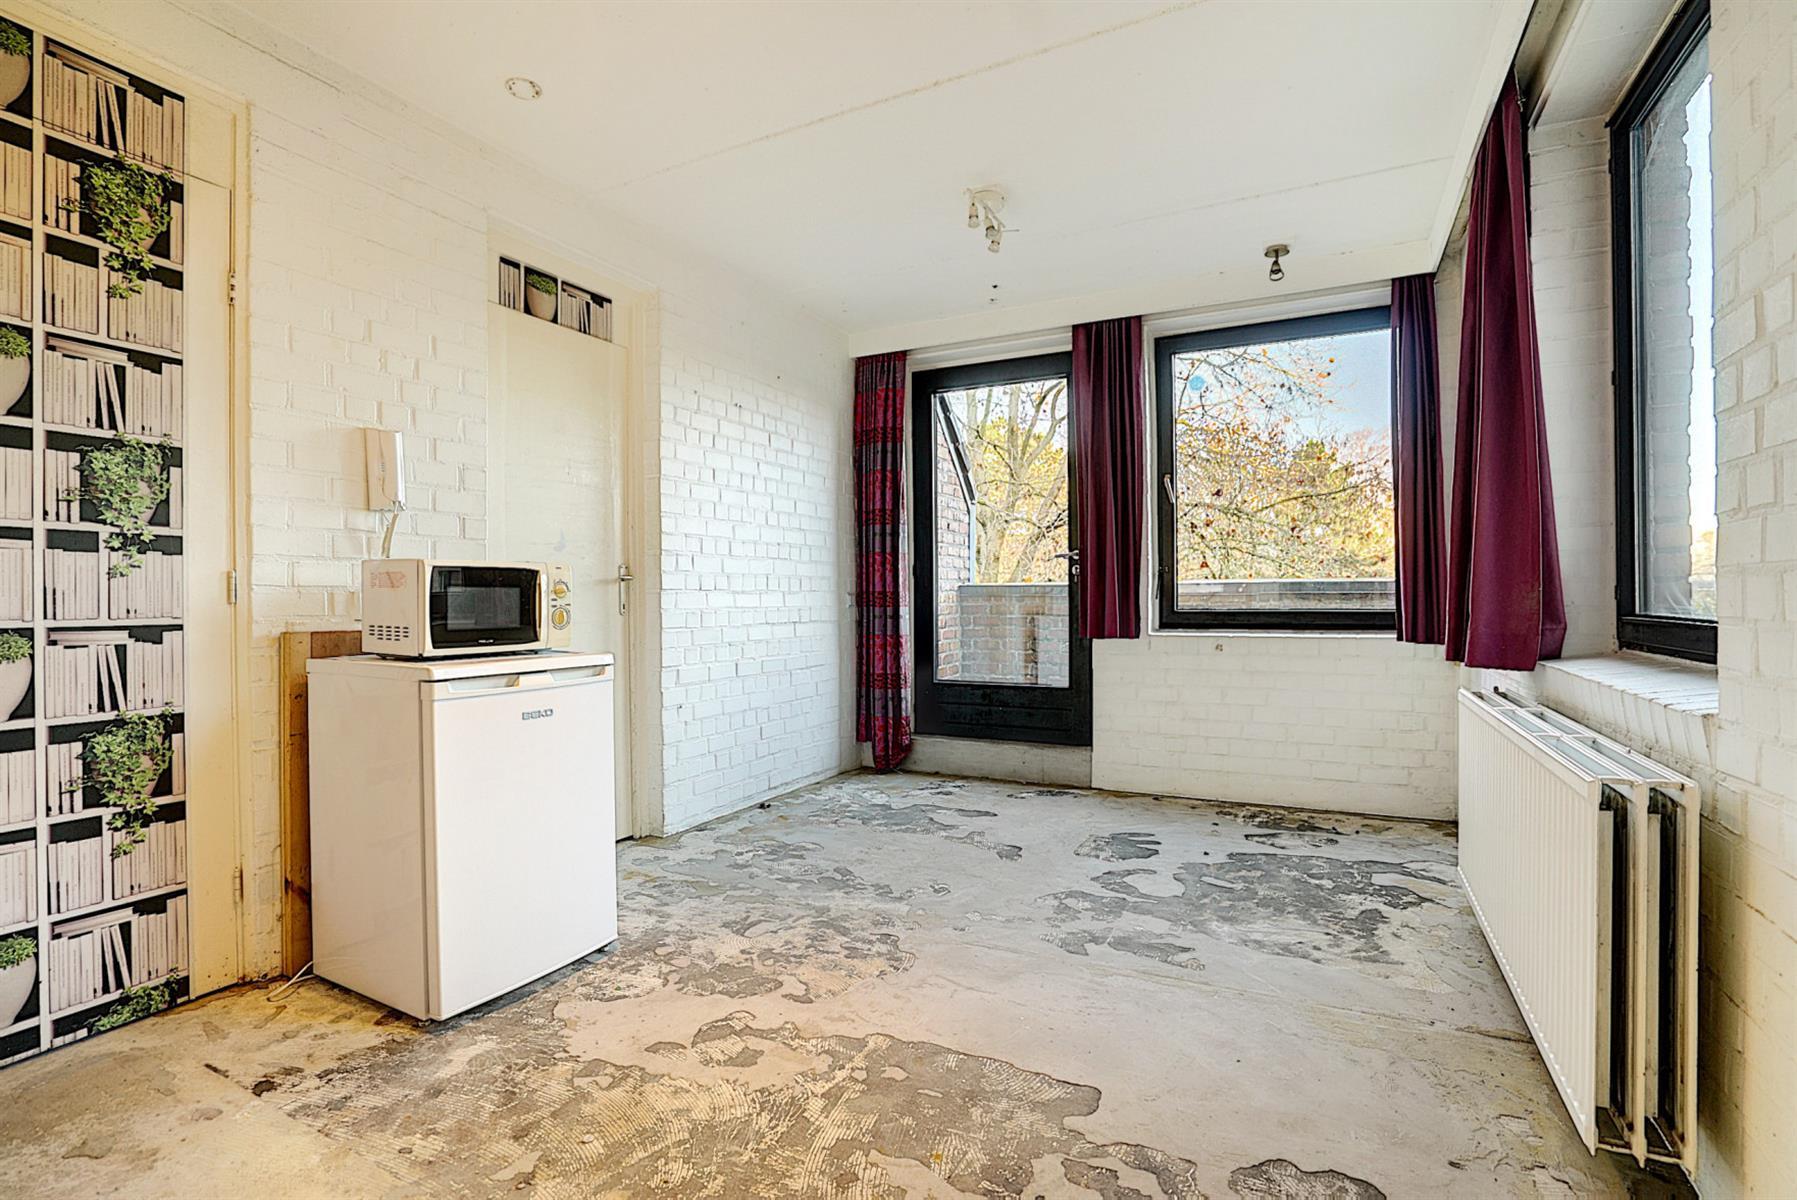 Appartement - Ottignies-Louvain-la-Neuve Louvain-la-Neuve - #4208592-7